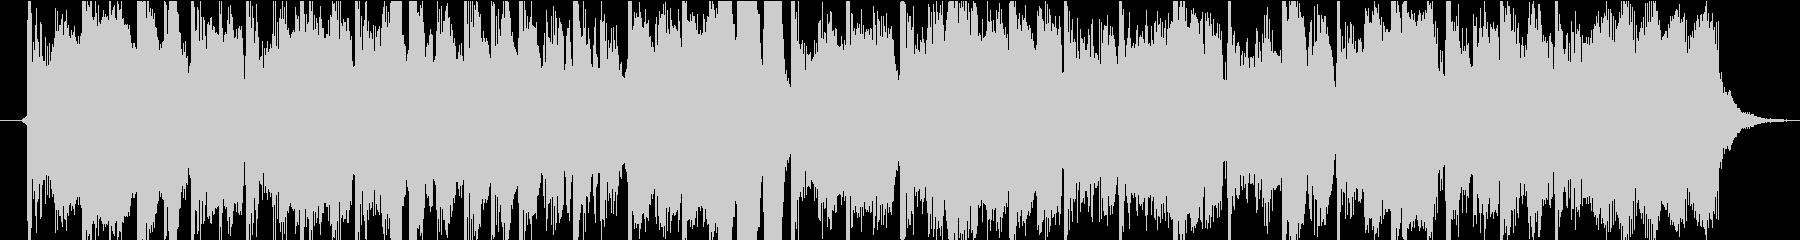 15秒CM向きの3 ストリングス・テクノの未再生の波形